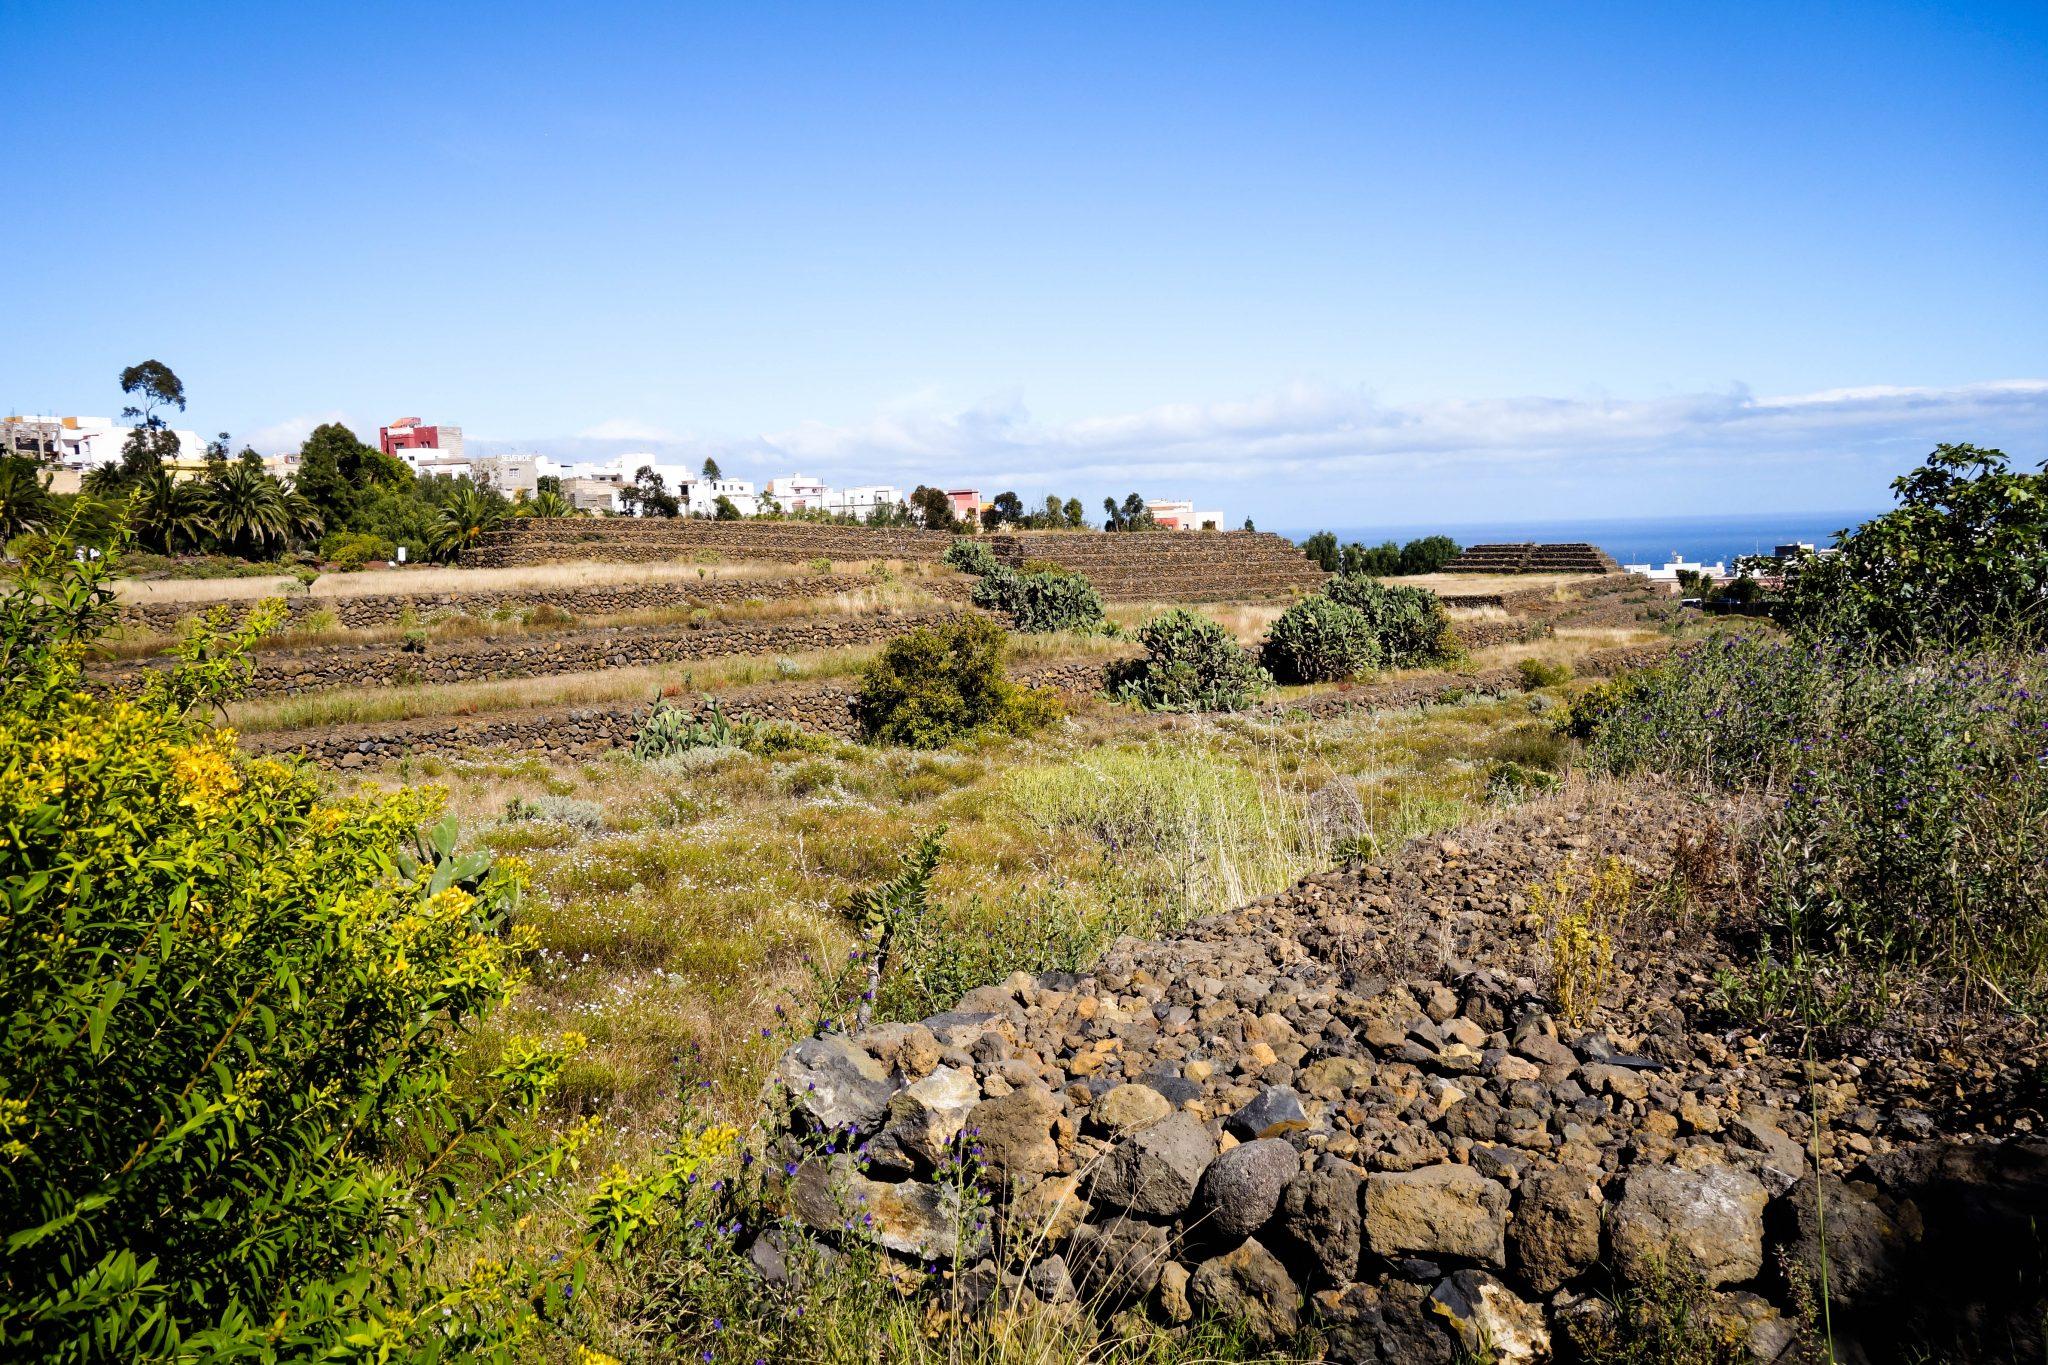 Teneriffa, Pyramiden von Guímar: Du kannst von den Pyramiden aus bis zum Meer herunterblicken.